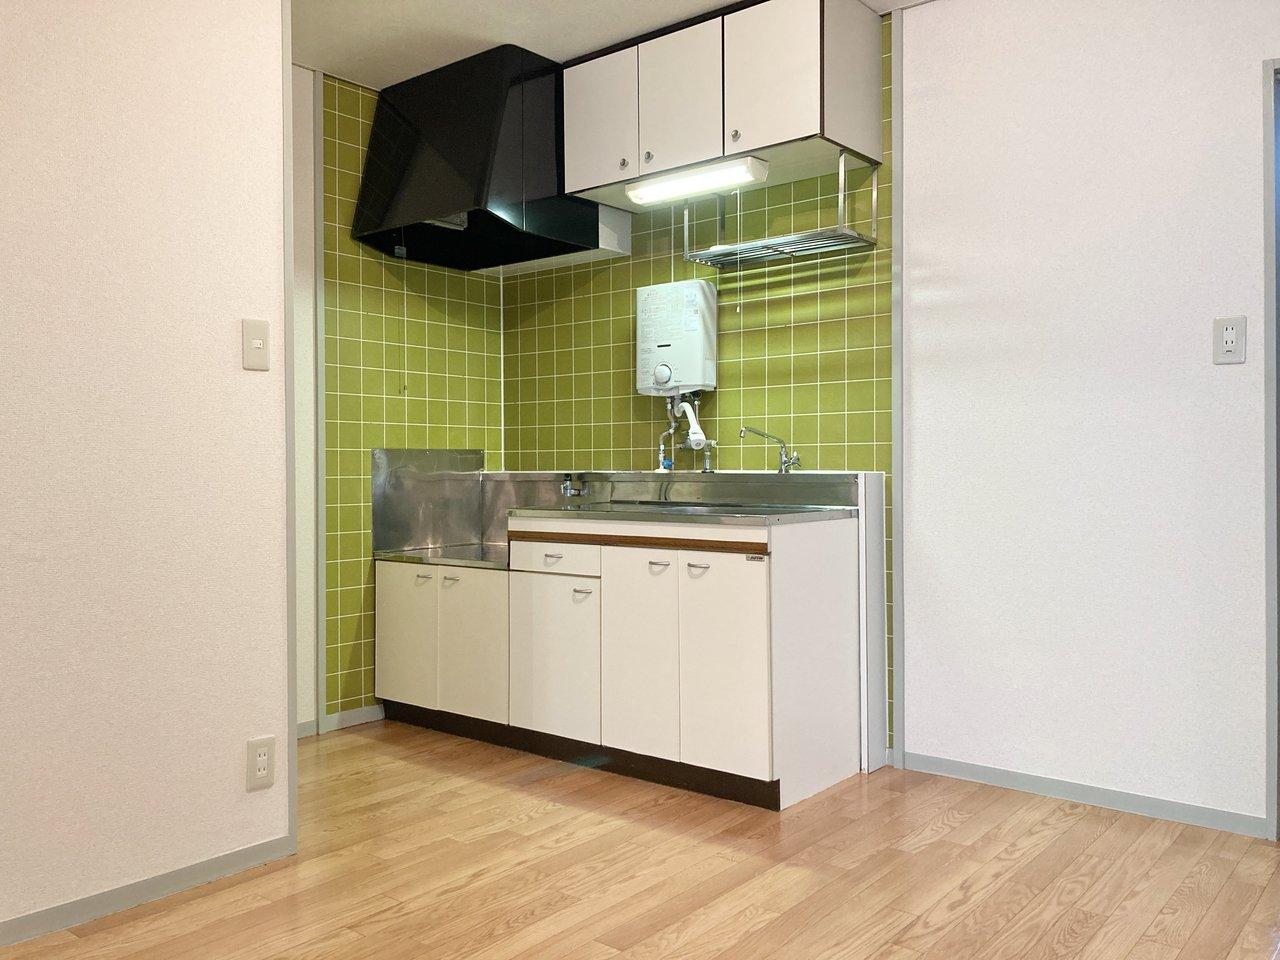 2口ガスコンロ設置可のキッチン。黄色のタイルの色味もいいですね。